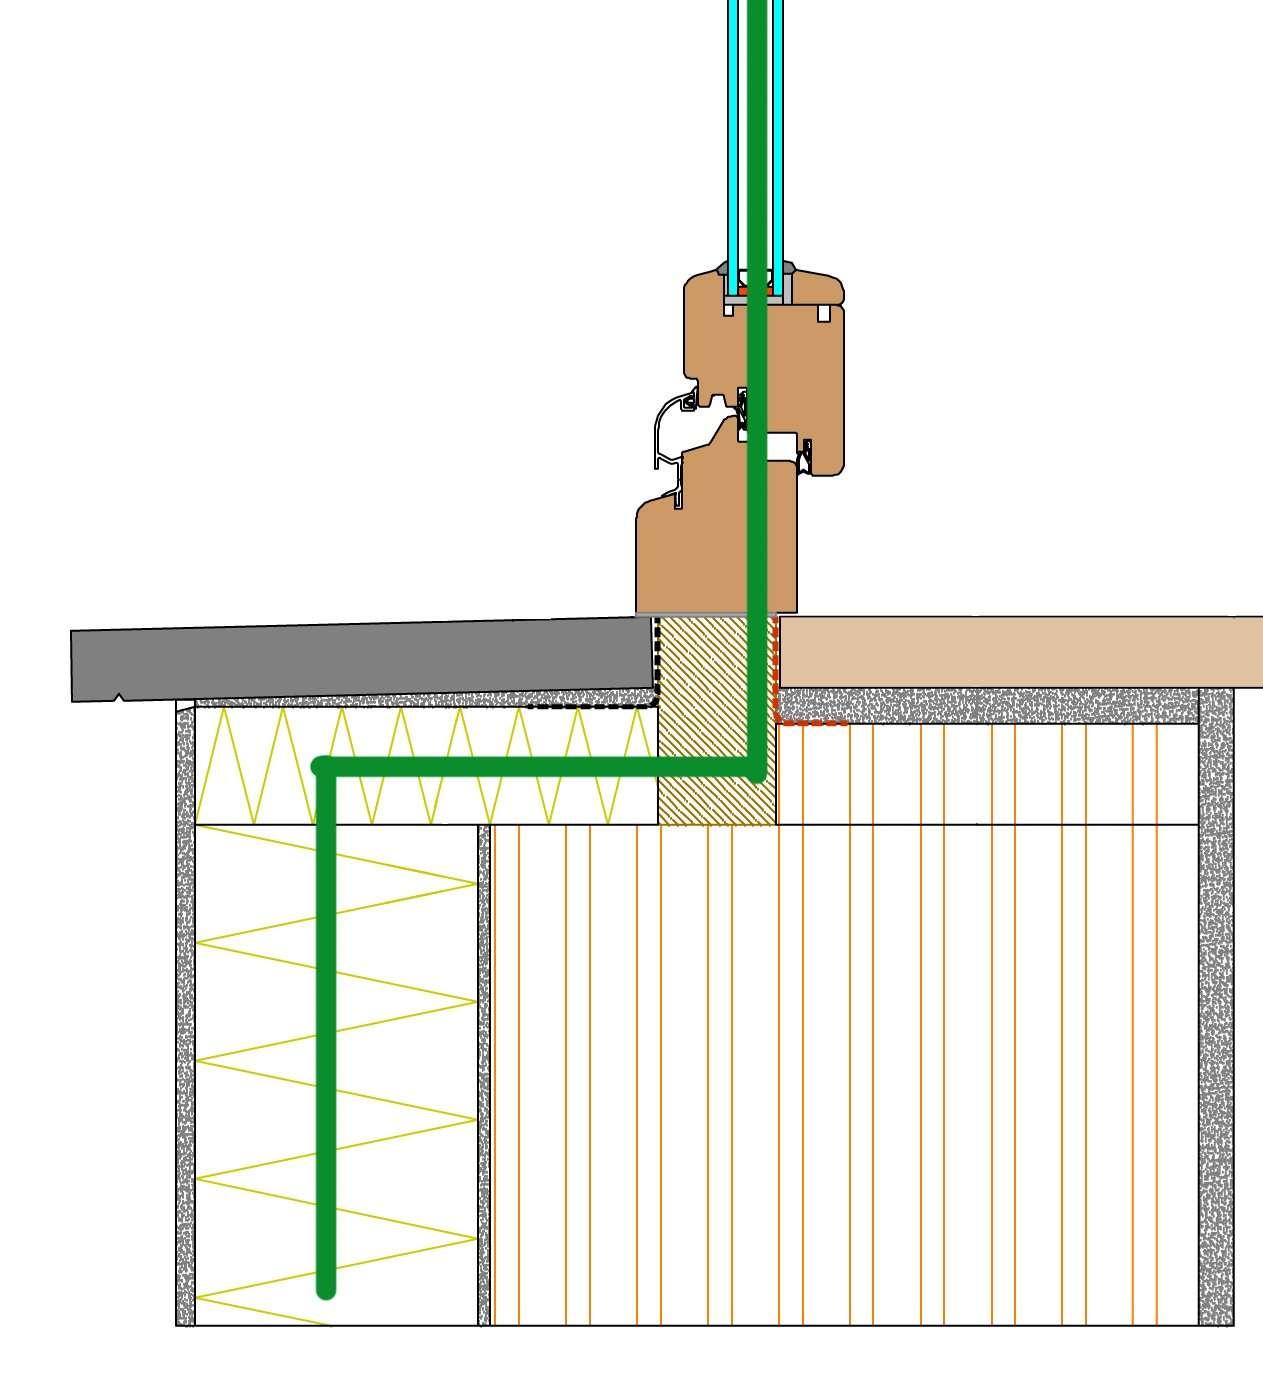 Davanzale passante in marmo soluzioni per la posa in opera dei serramenti - Smontare maniglia finestra senza viti ...